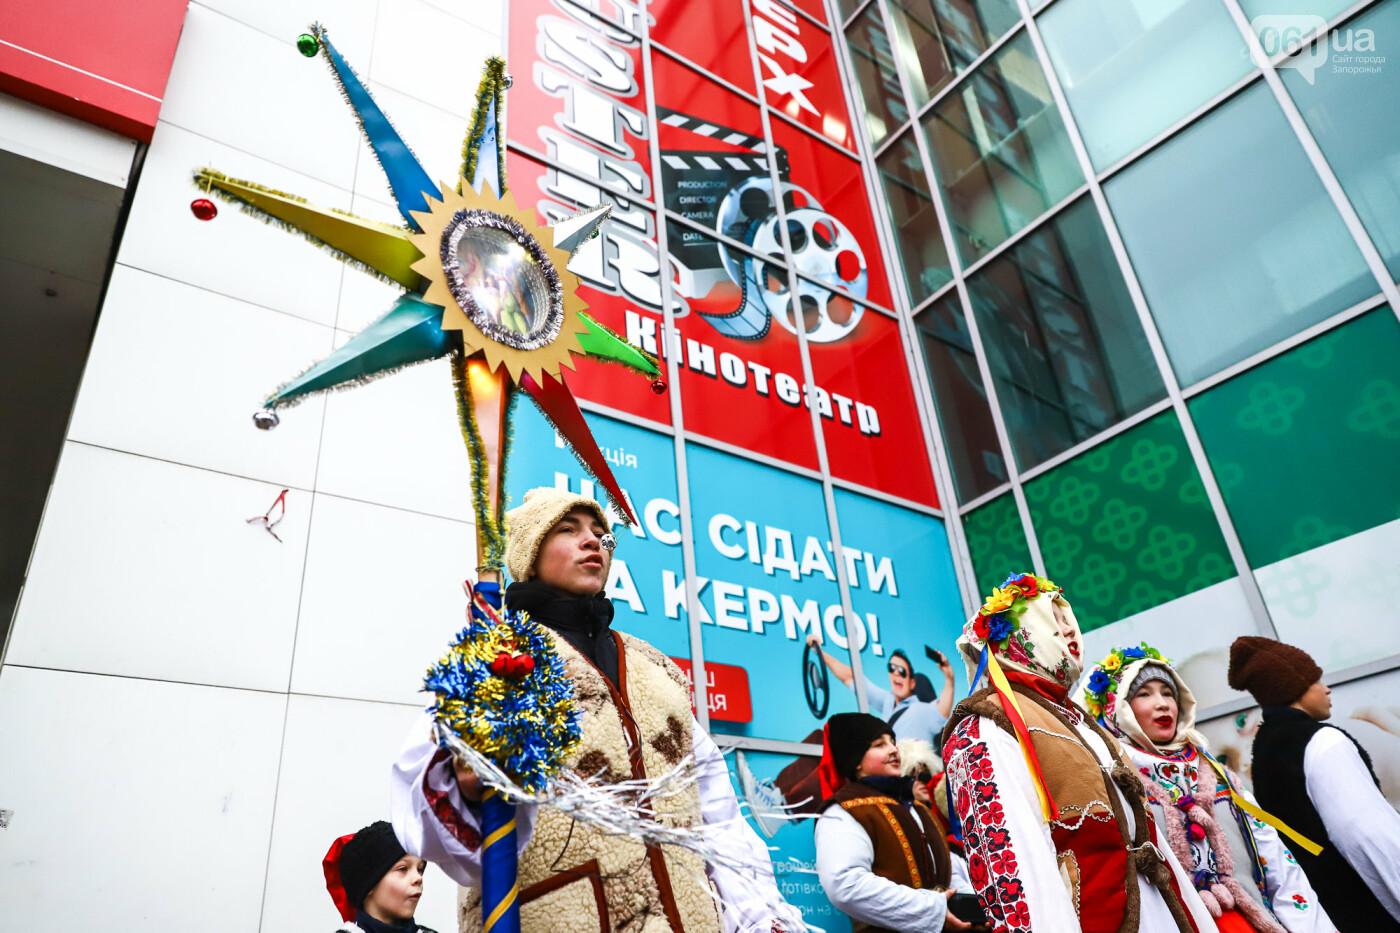 Нечистая сила против казаков: на улицах Запорожья показывали Рождественский вертеп, - ФОТО, ВИДЕО  , фото-10